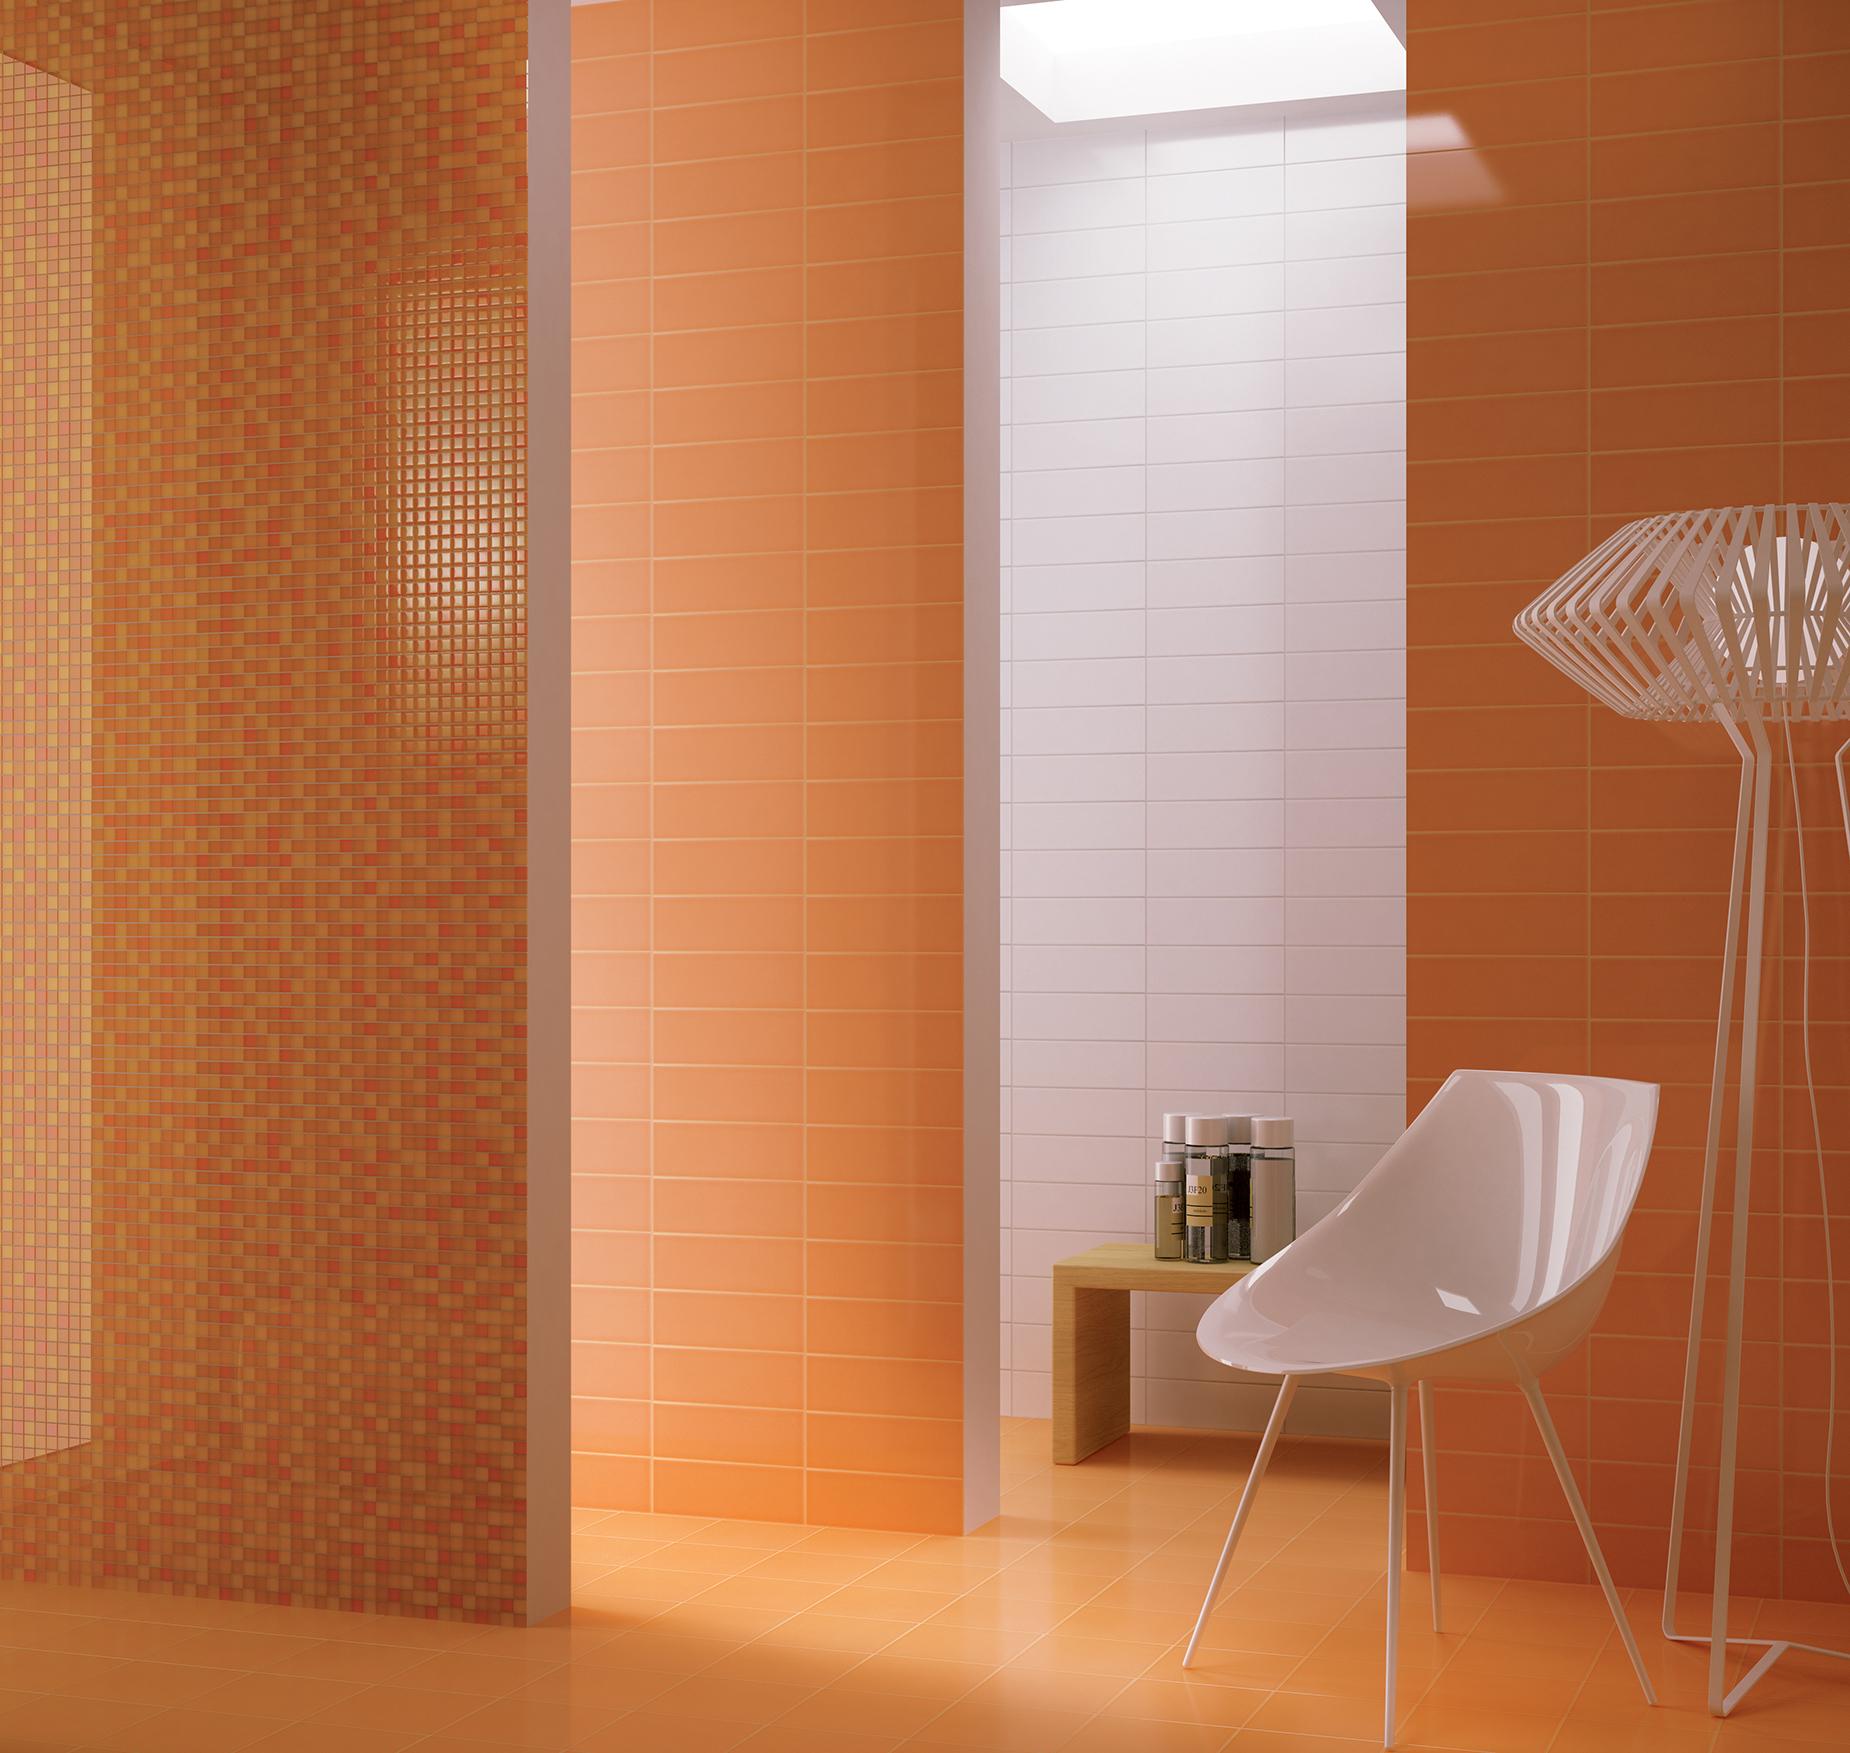 Rivestimento Bagno Beige E Marrone : Serie energy pavimenti e rivestimenti moda